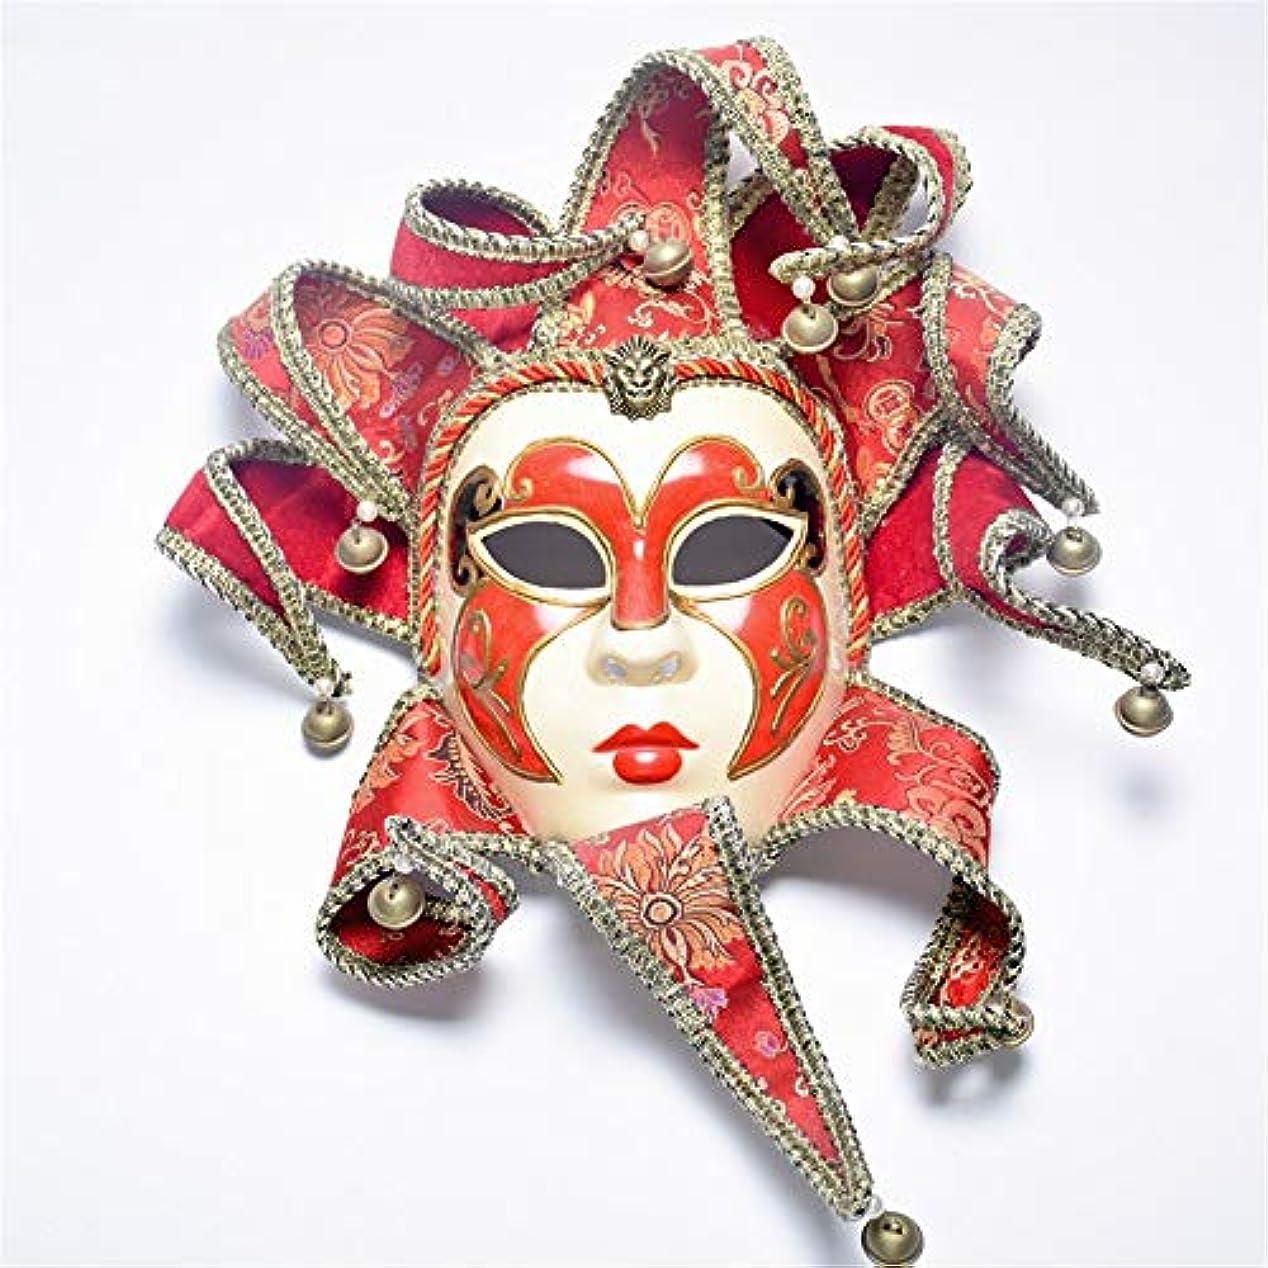 韓国エンターテインメント役員ダンスマスク フルフェイスマスク高級パーティーベルマスク女性マスククリスマスフェスティバルロールプレイングプラスチックマスク ホリデーパーティー用品 (色 : 赤, サイズ : 49x29cm)